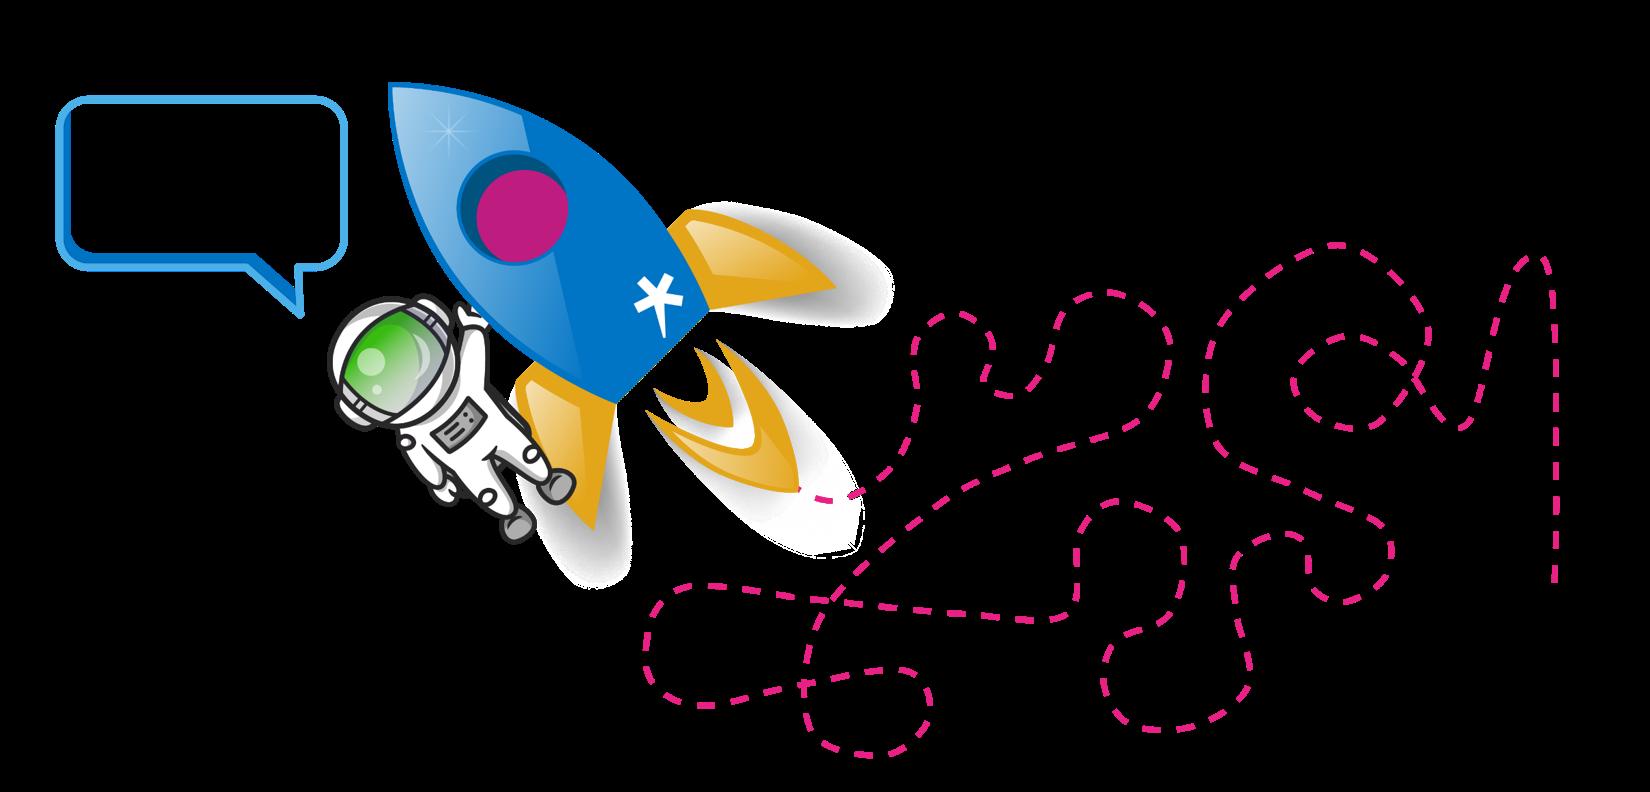 """Raketti mutkittelee ja sen mukana roikkuva astronautti huutaa: """"Mutkattomasti! Voin huonosti..."""""""